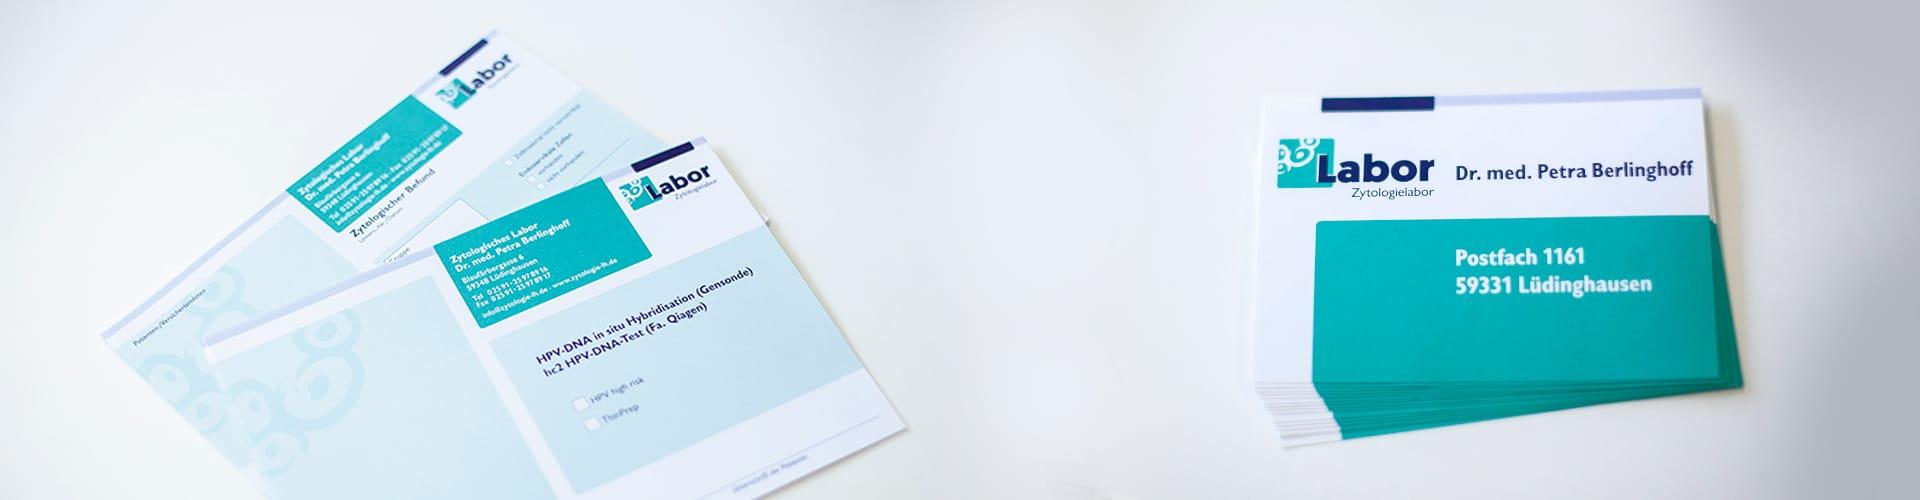 Hier sehen Sie die Printmaterialien von Frau Dr. Berlinghoff in Lüdinghausen.